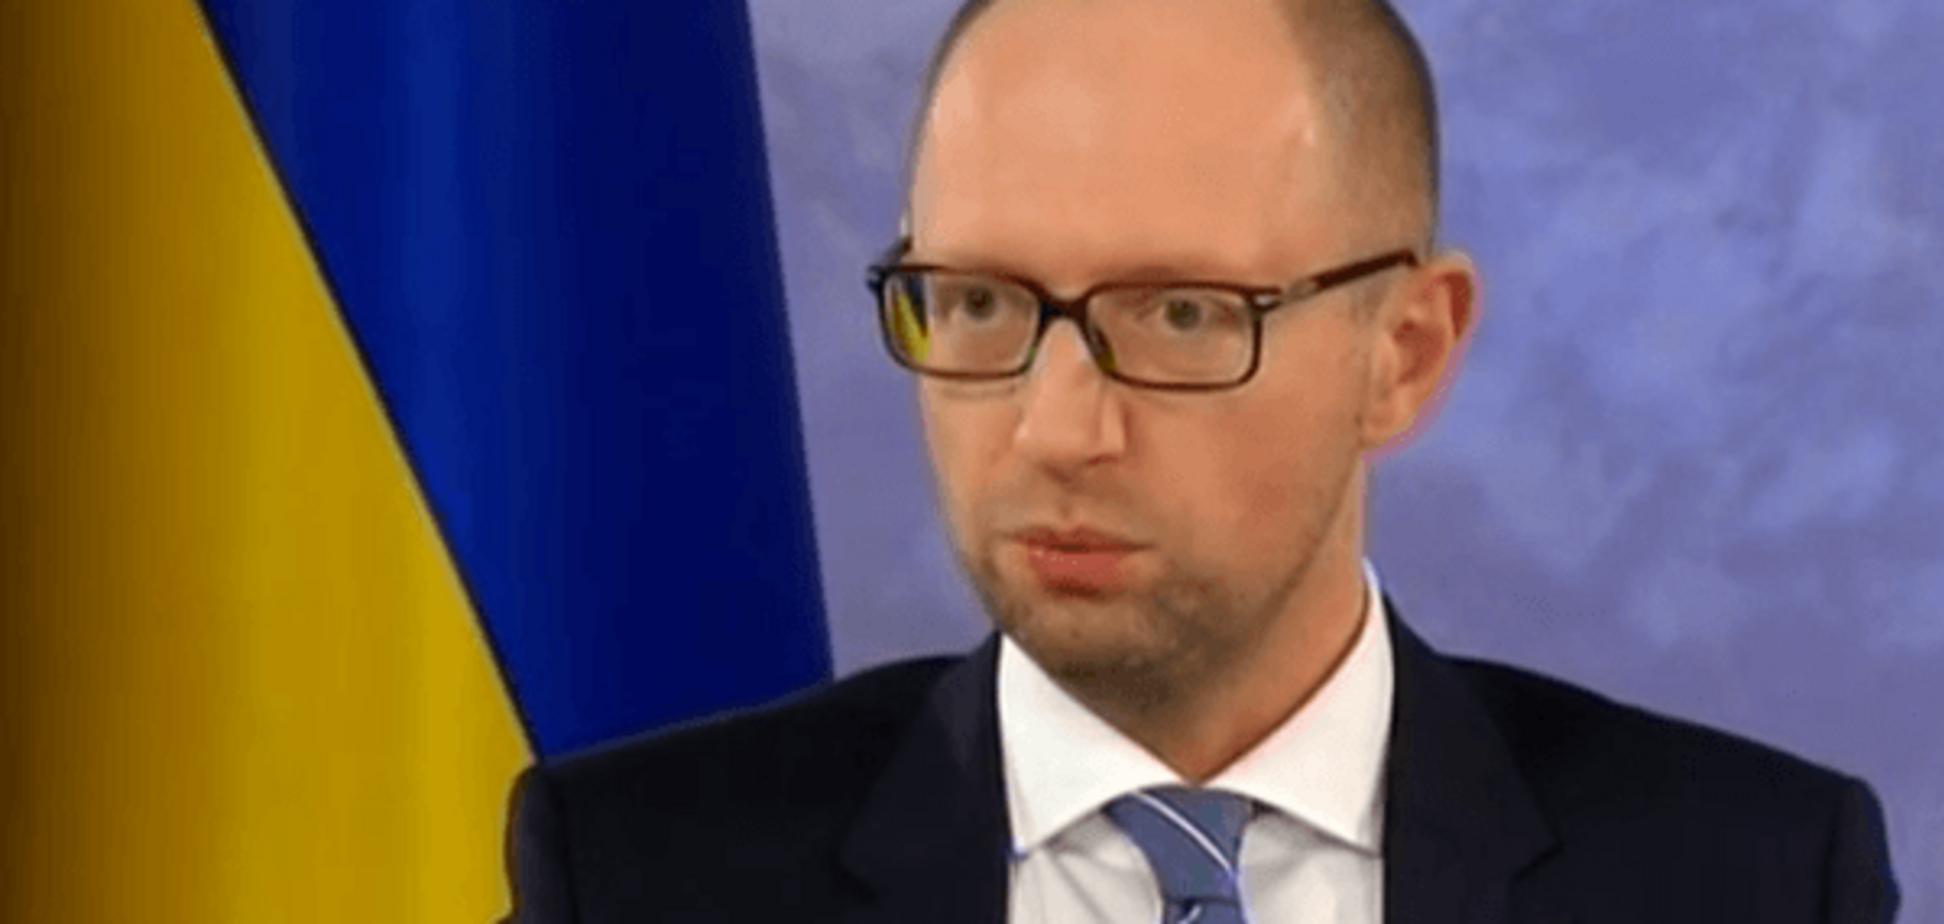 Яценюк рассказал о состоянии дел с возвращением Крыма